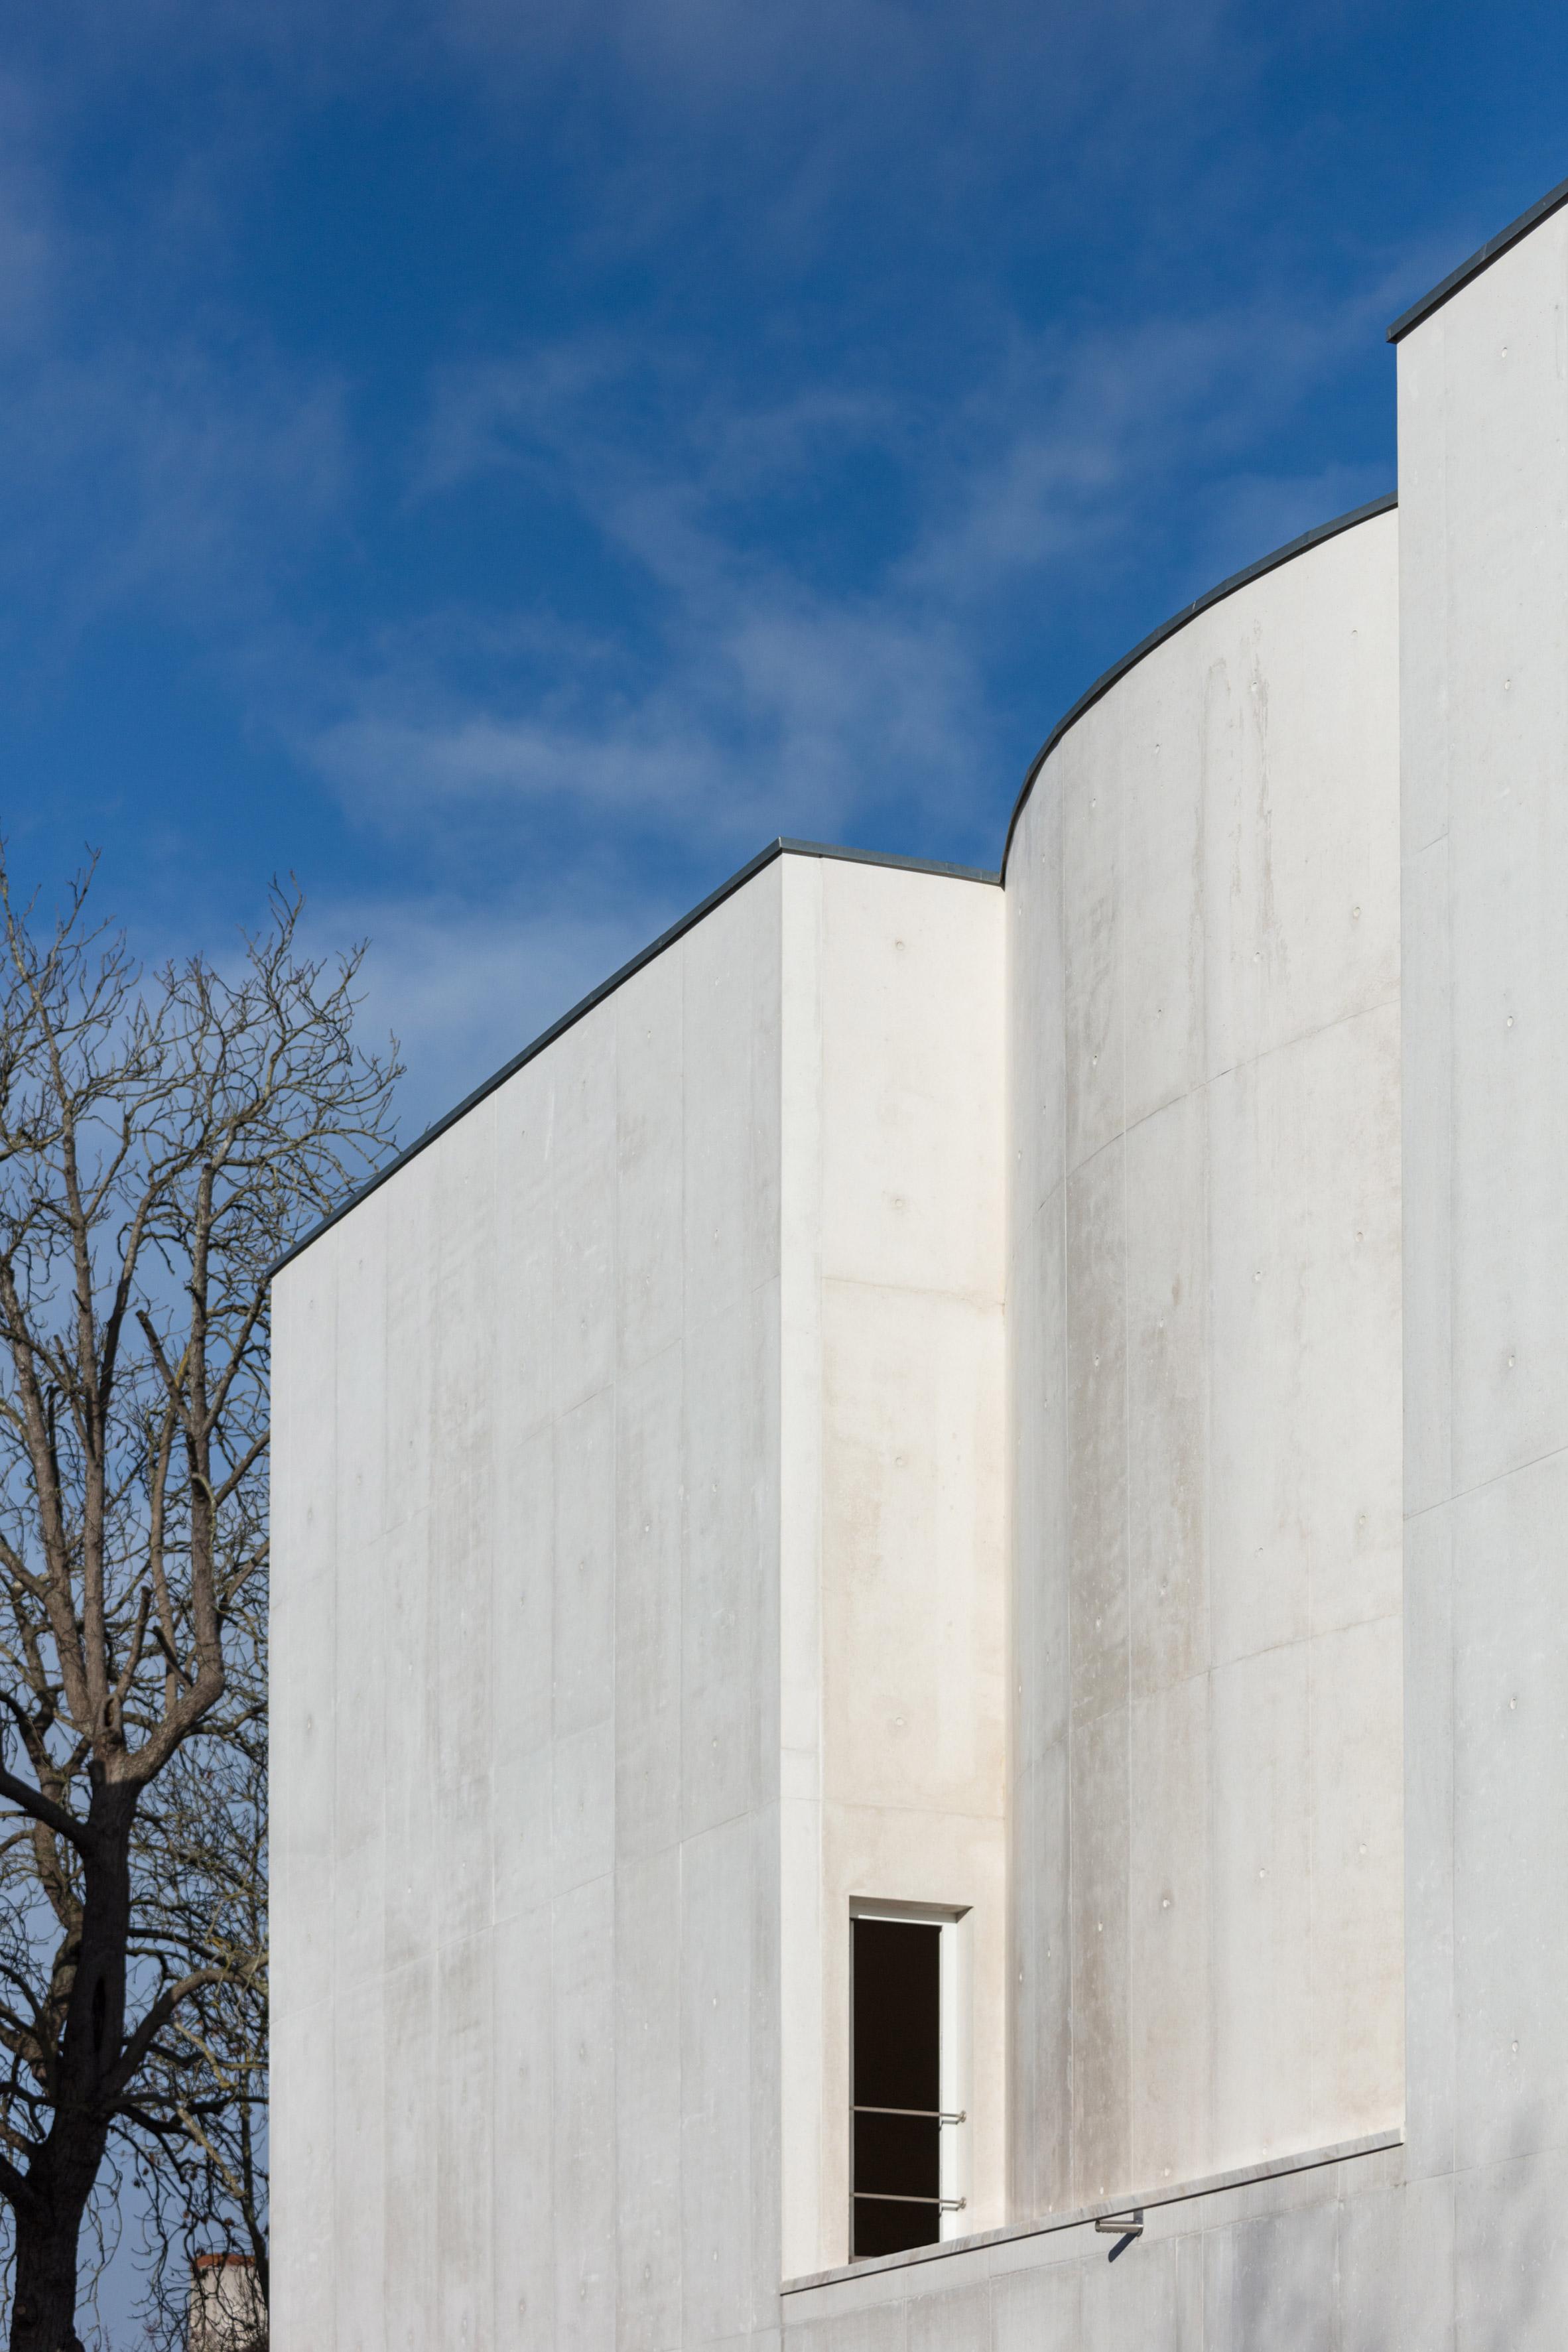 iGNANT-Architecture-Alvaro-Siza-Brittany-Church-005